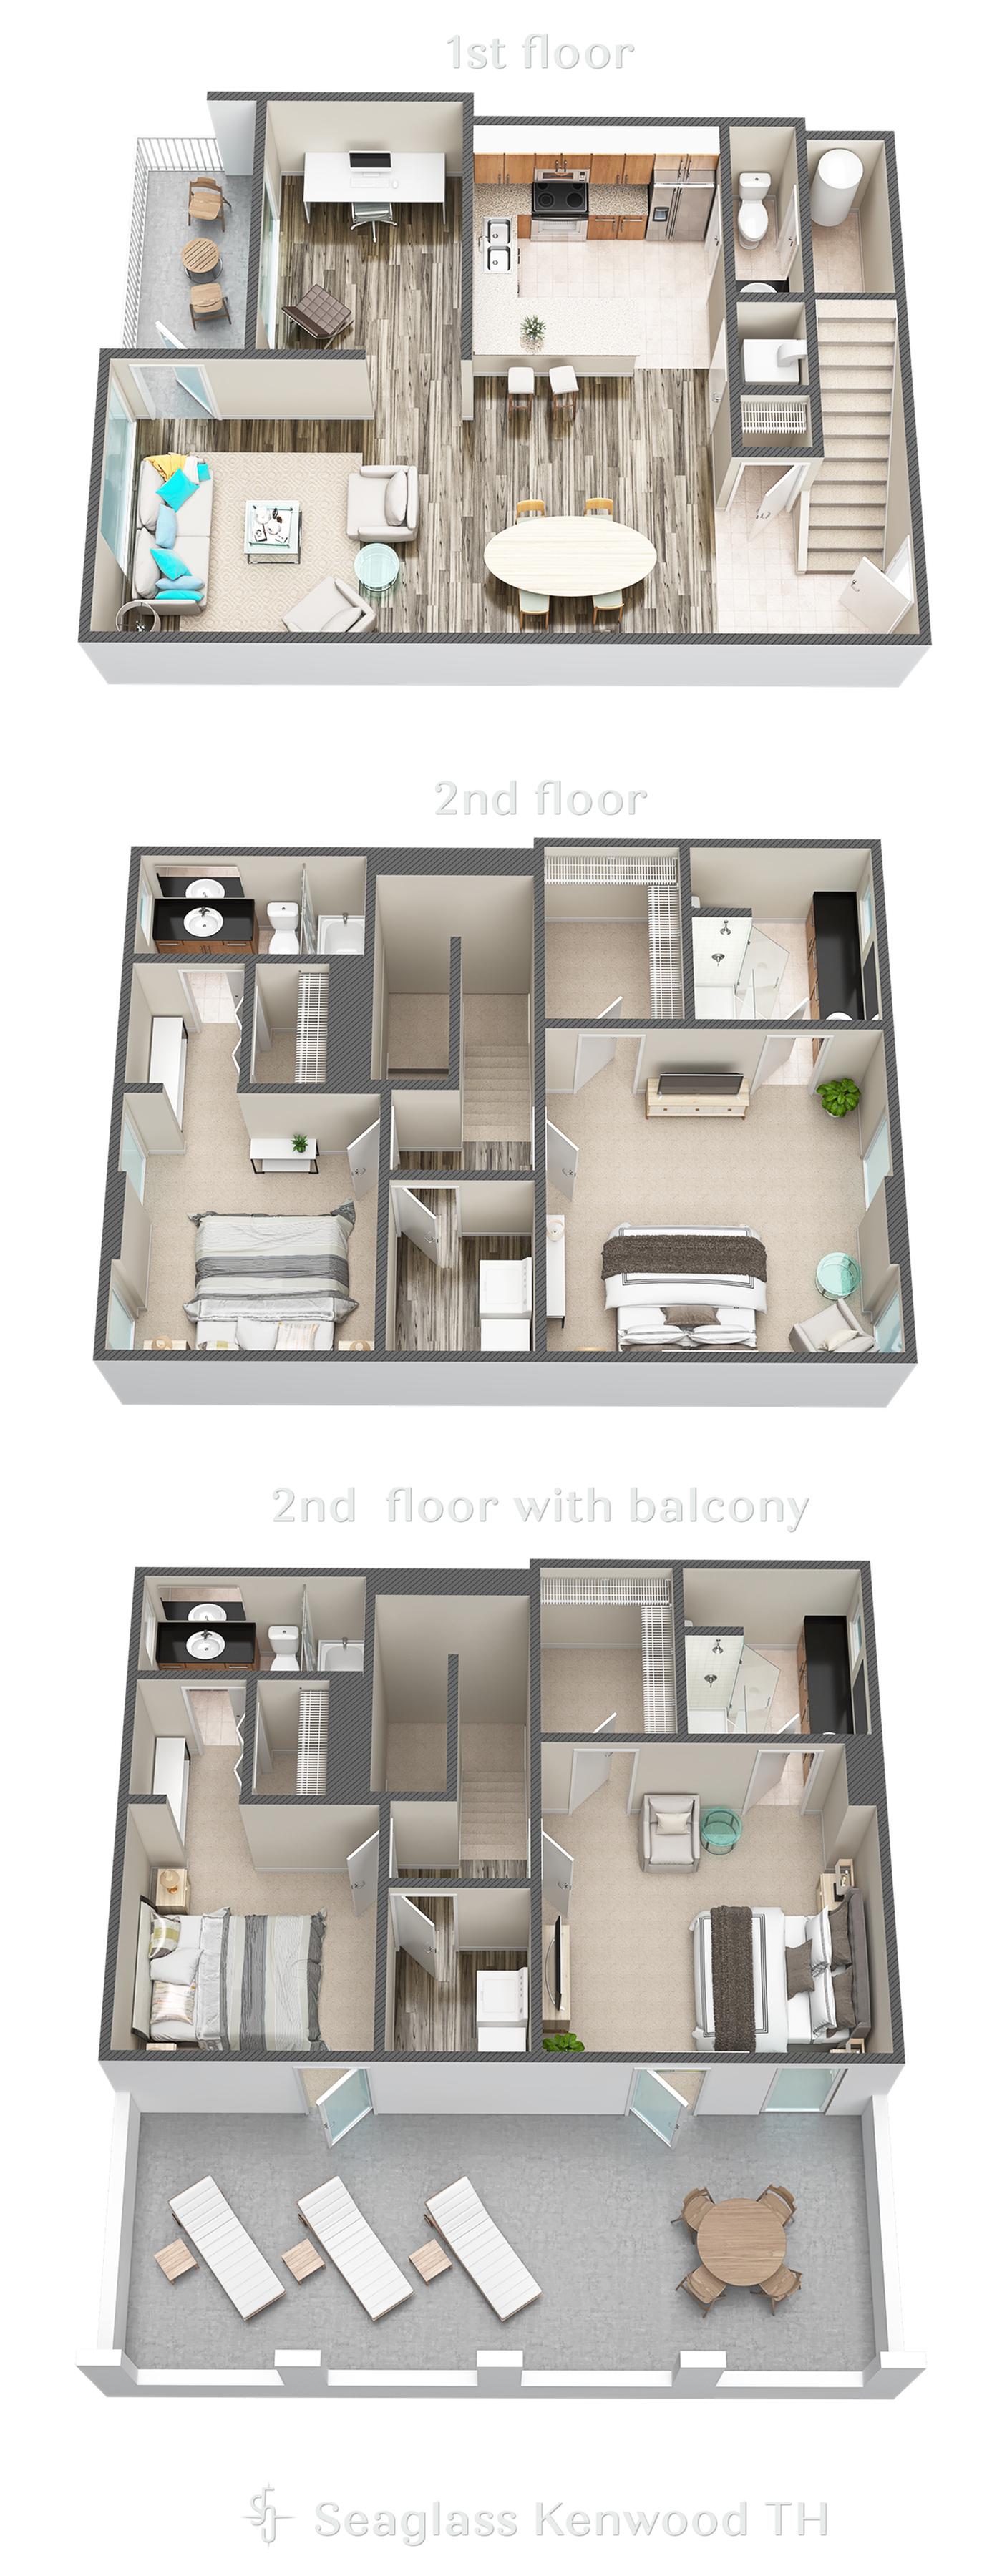 Kenwood (Penthouse)